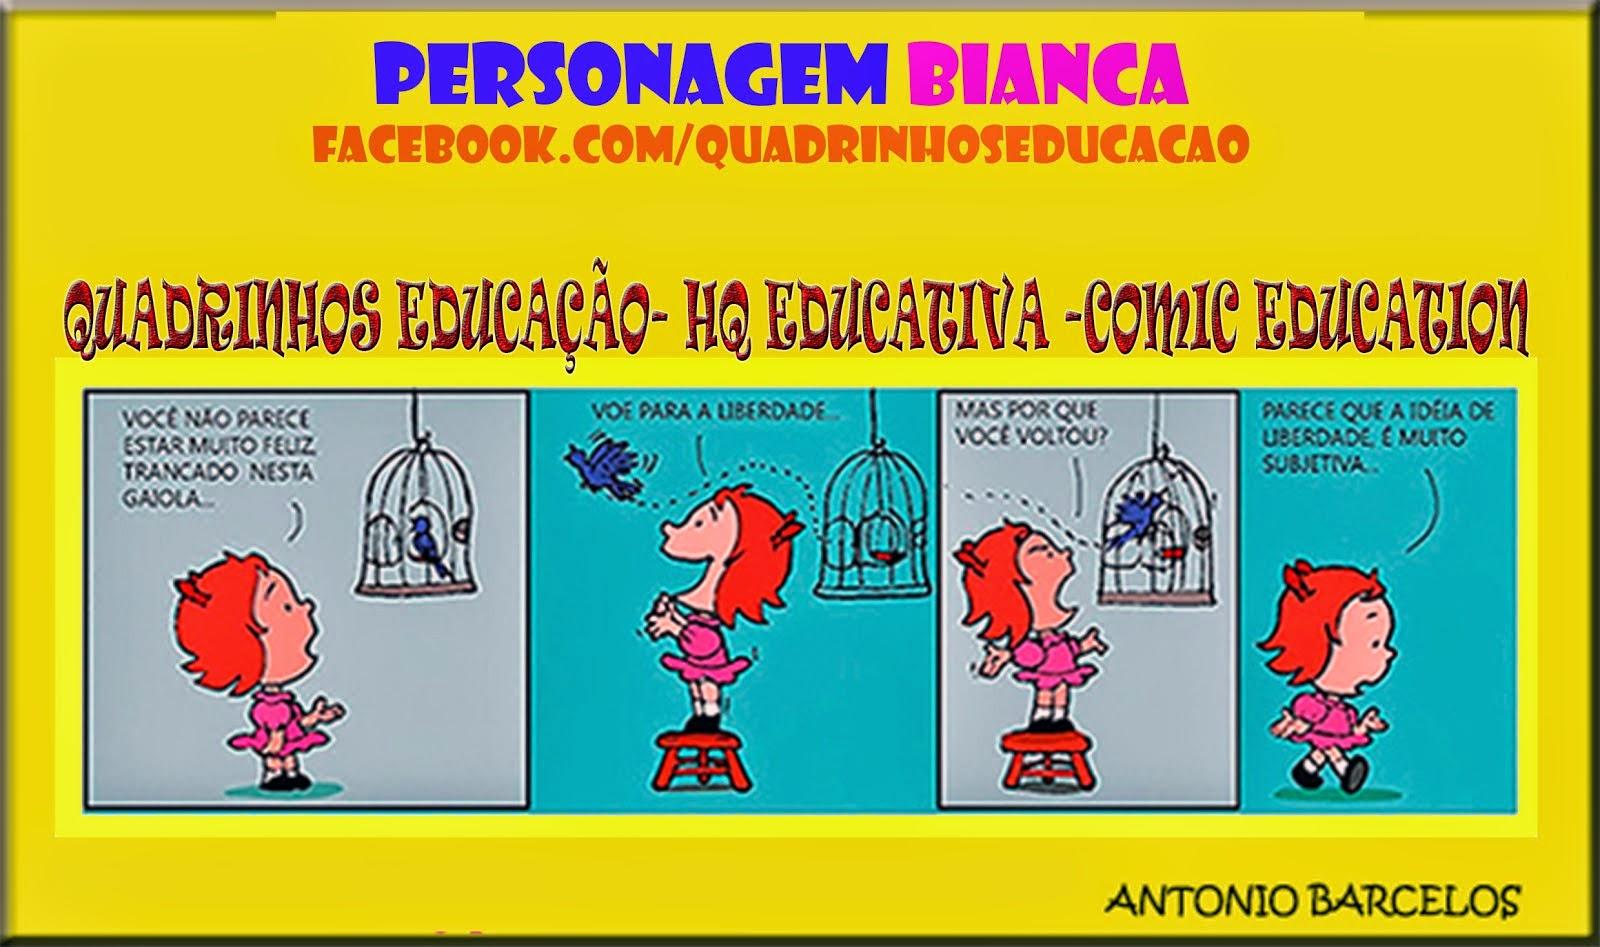 QUADRINHOS EDUCAÇÃO - EDUCATIONAL COMICS